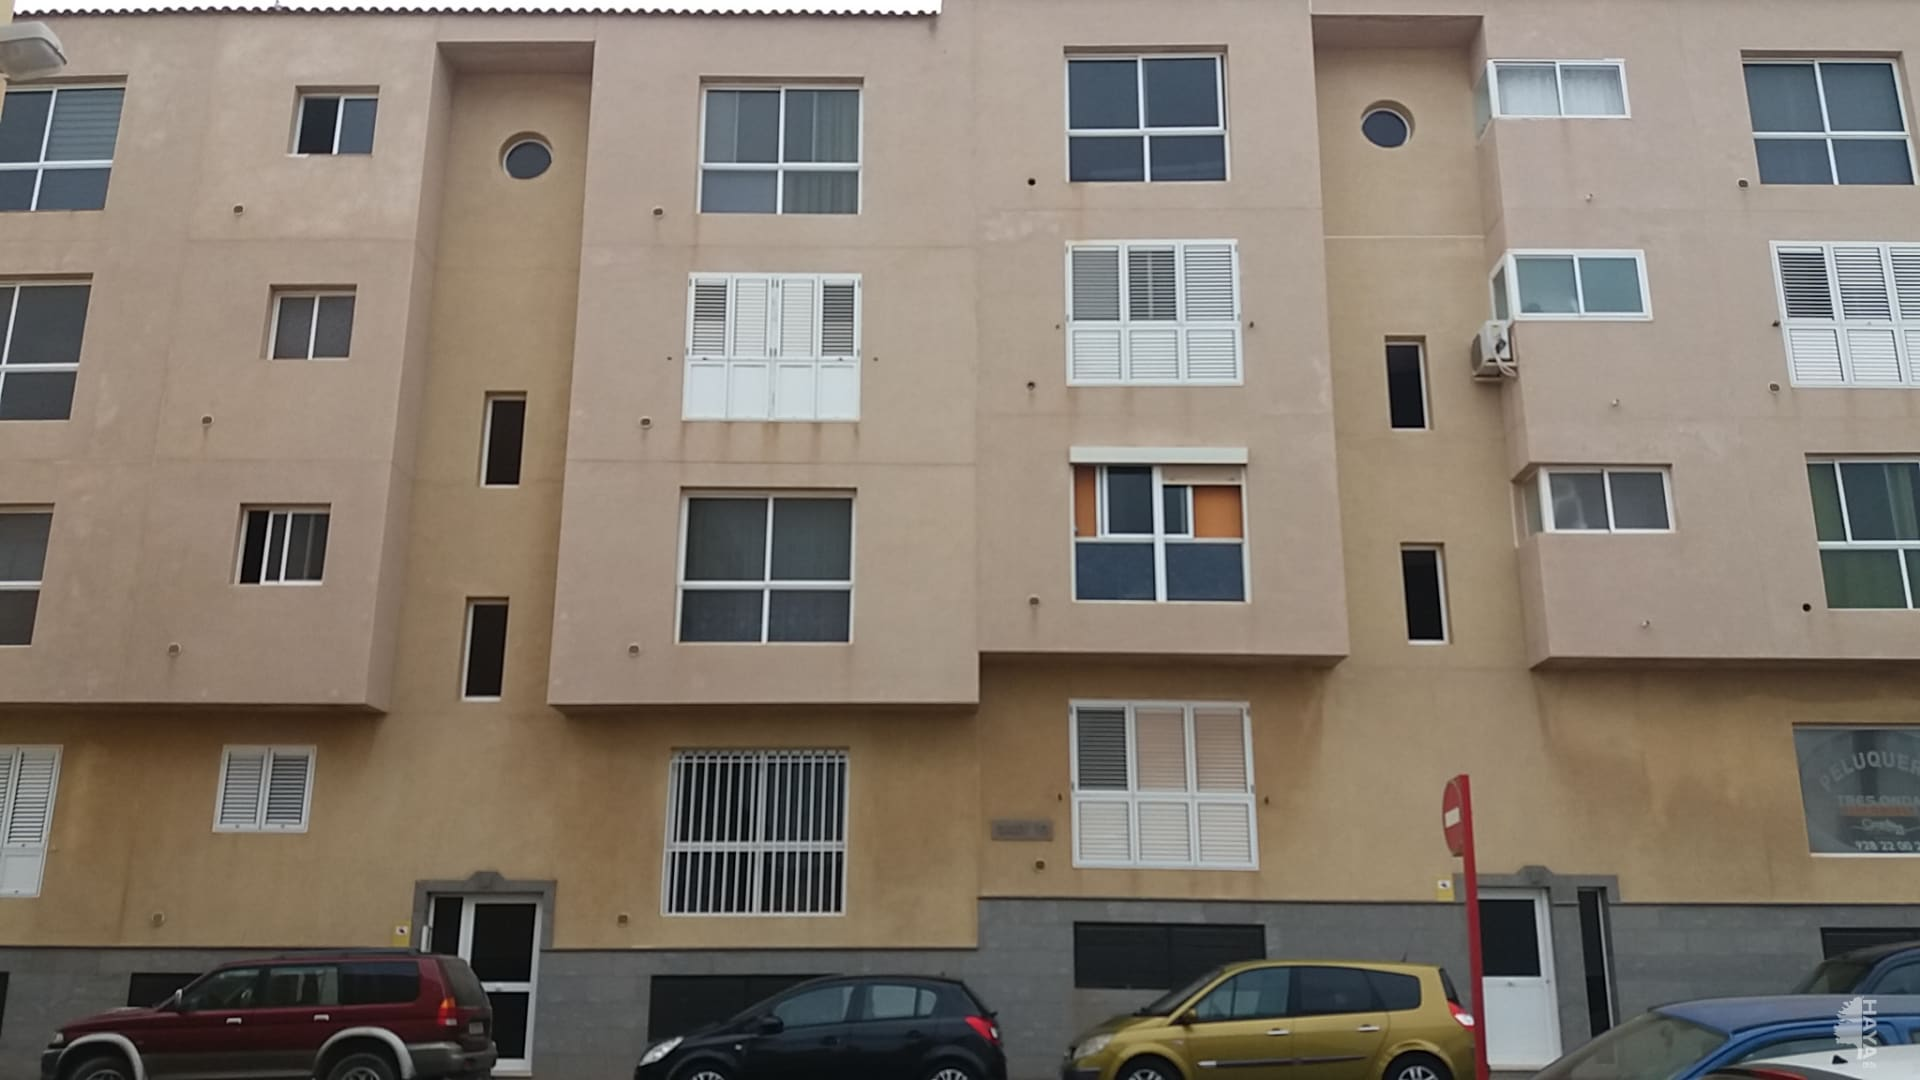 Piso en venta en Sardina, Santa Lucía de Tirajana, Las Palmas, Calle la Malagueña (edif.gady), 103.248 €, 3 habitaciones, 2 baños, 98 m2